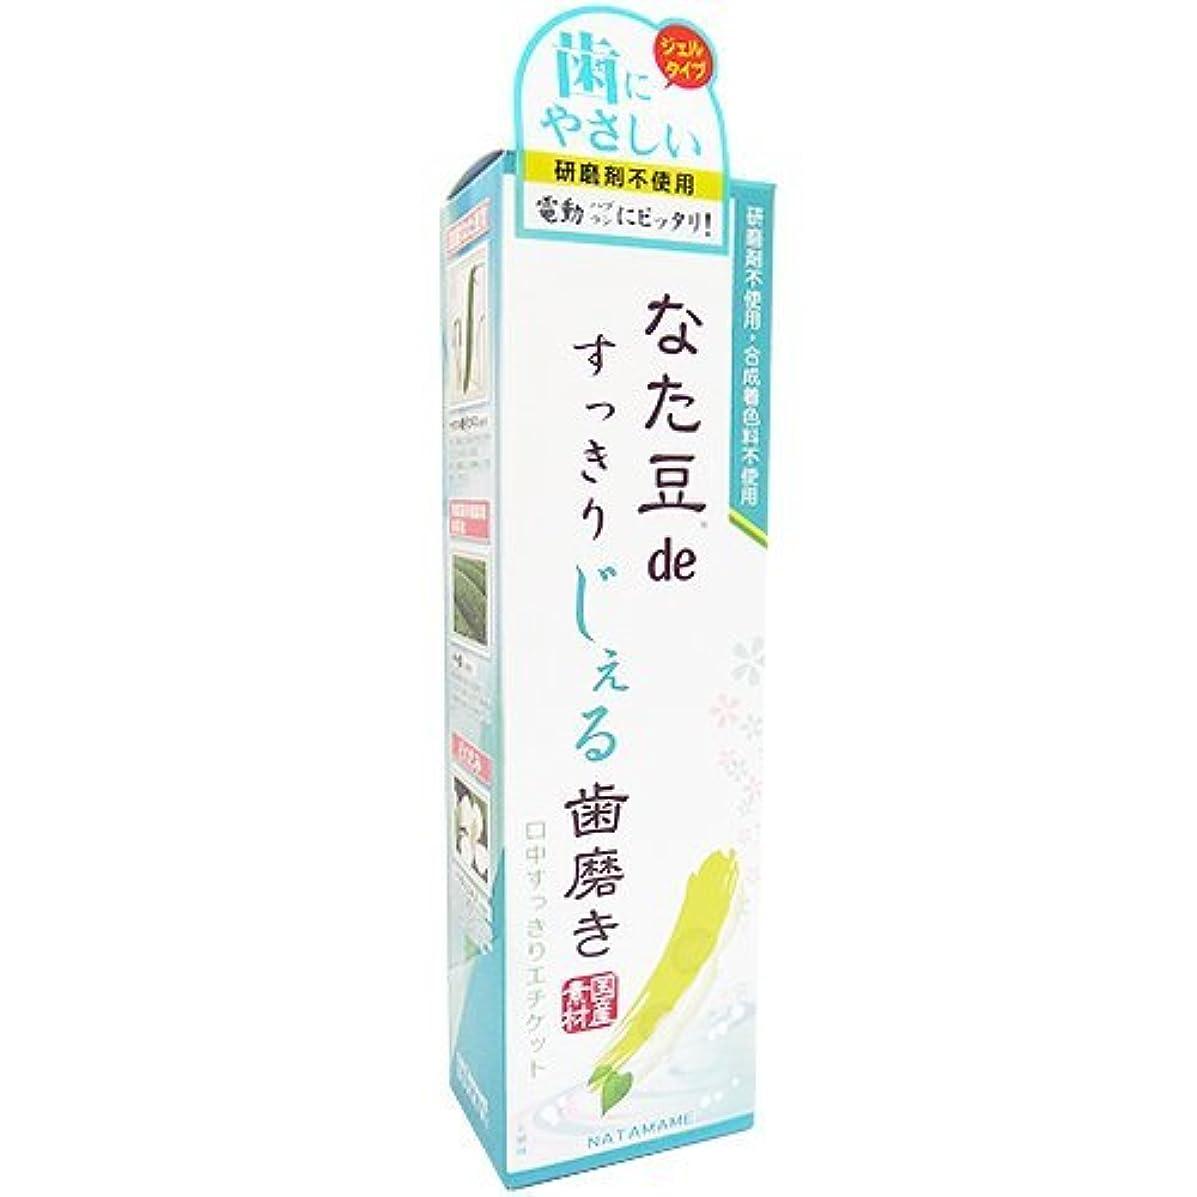 極端な気づかない謝るなた豆(矯味)deすっきりじぇる歯磨き × 12個セット